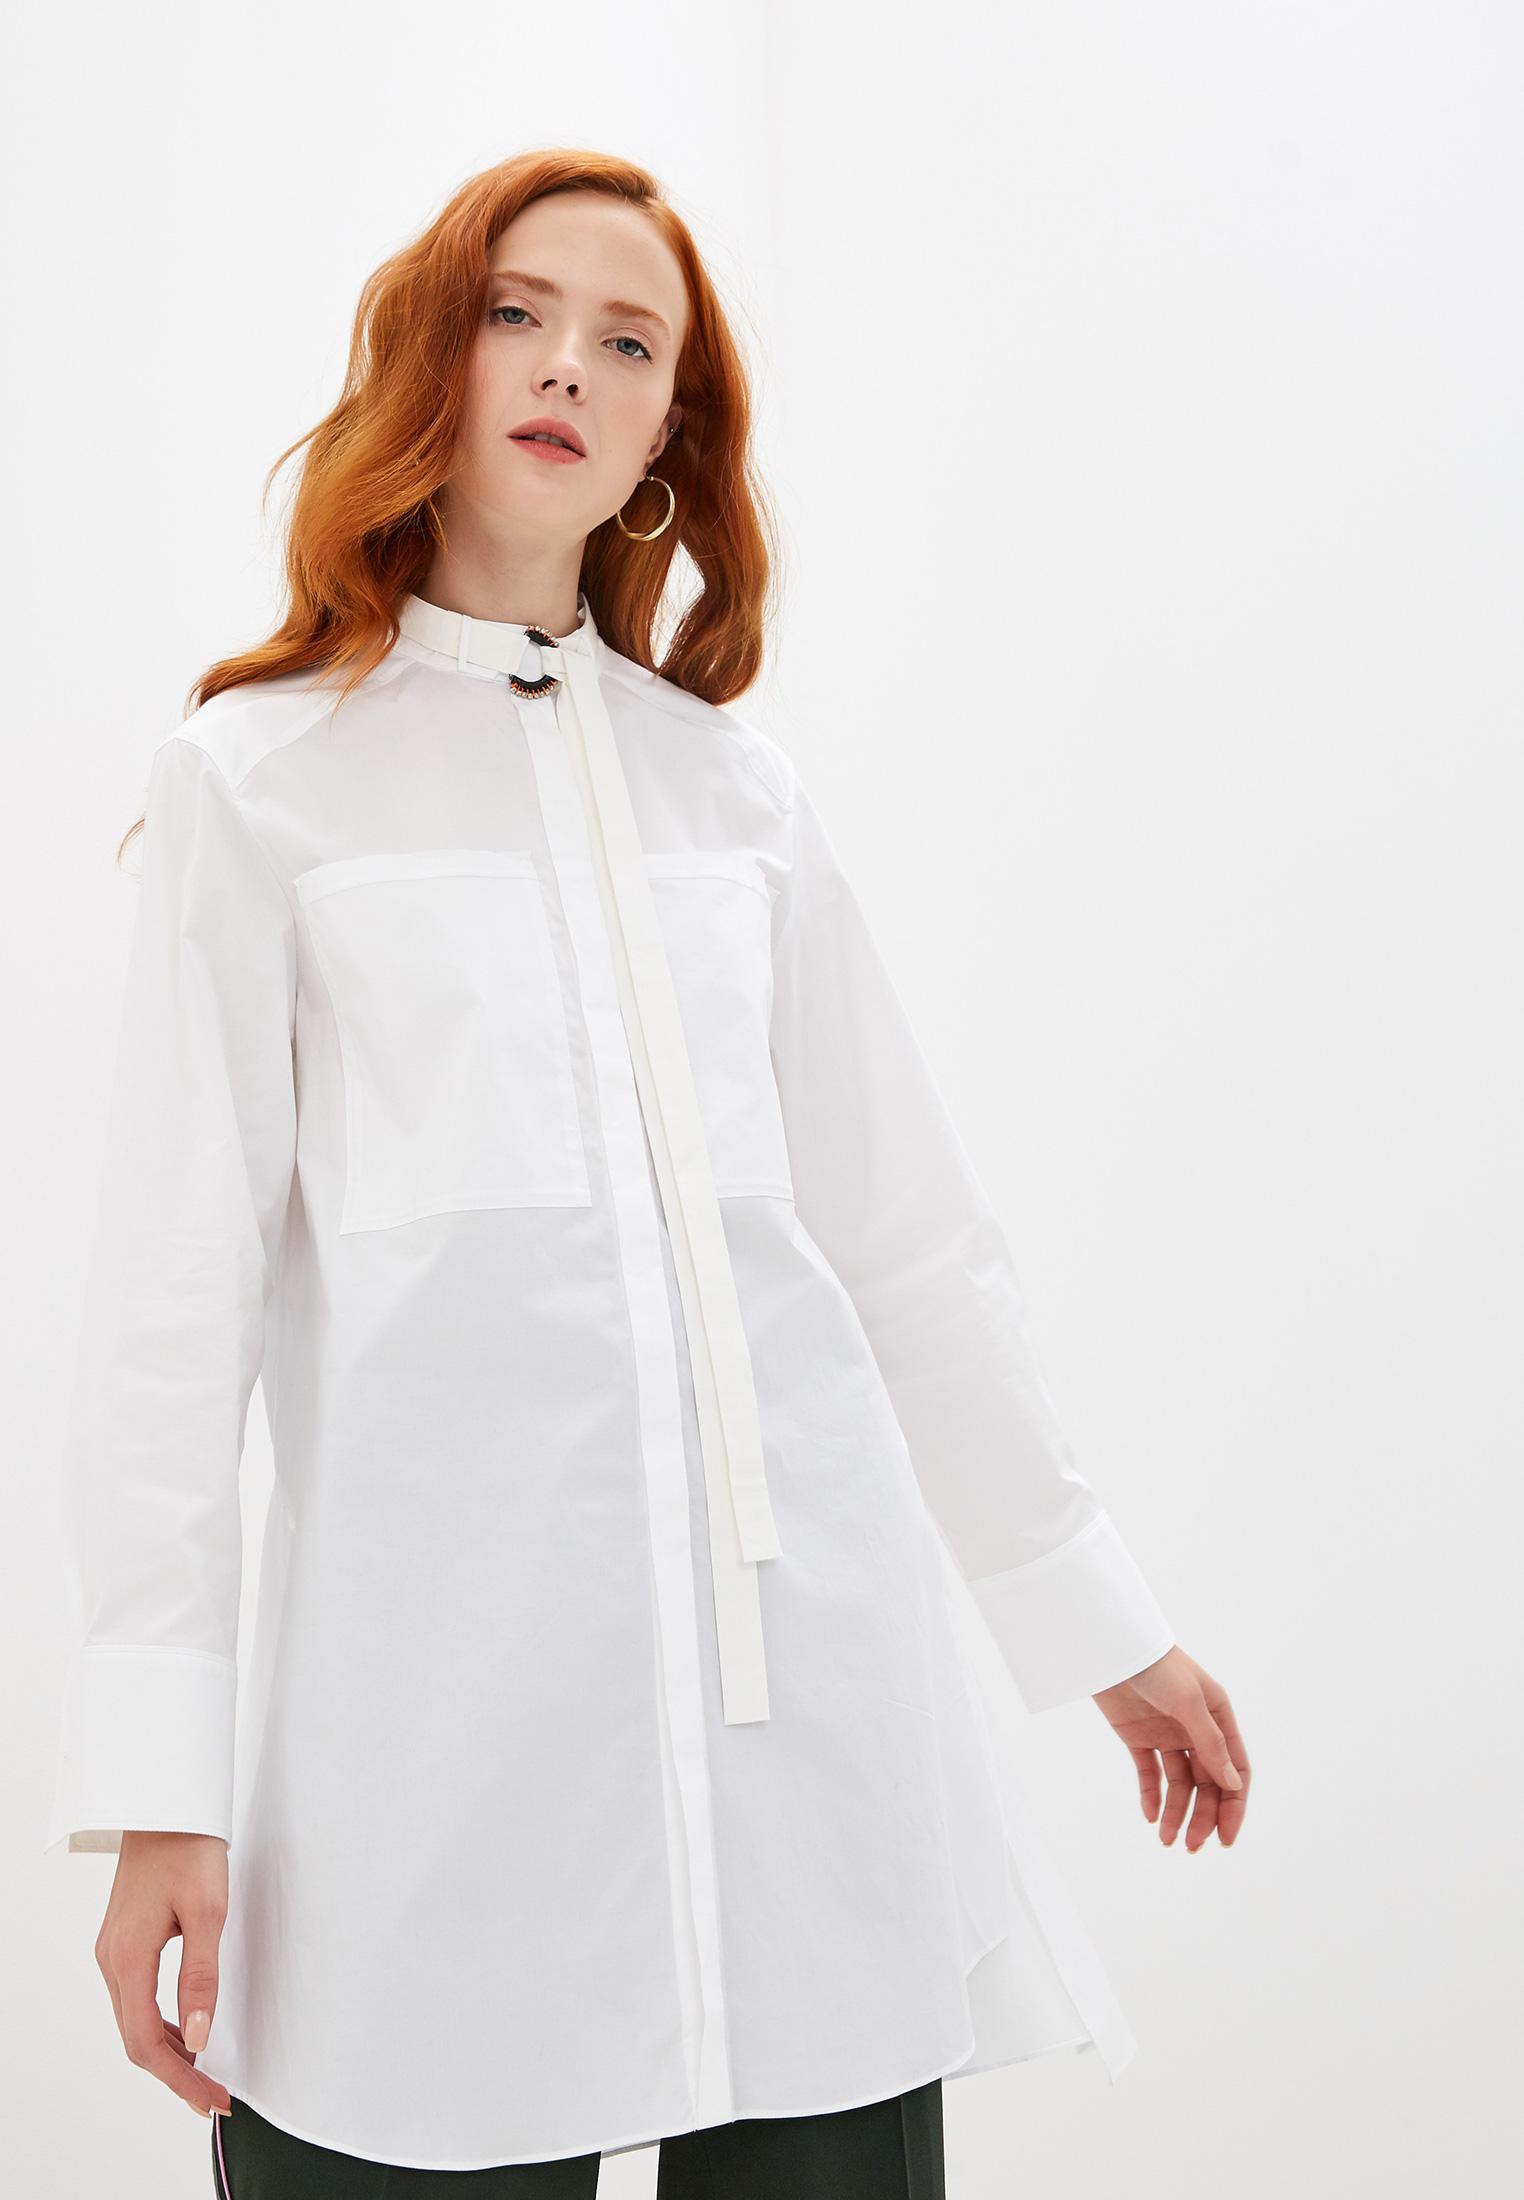 Женские рубашки с длинным рукавом Dorothee Schumacher 548301